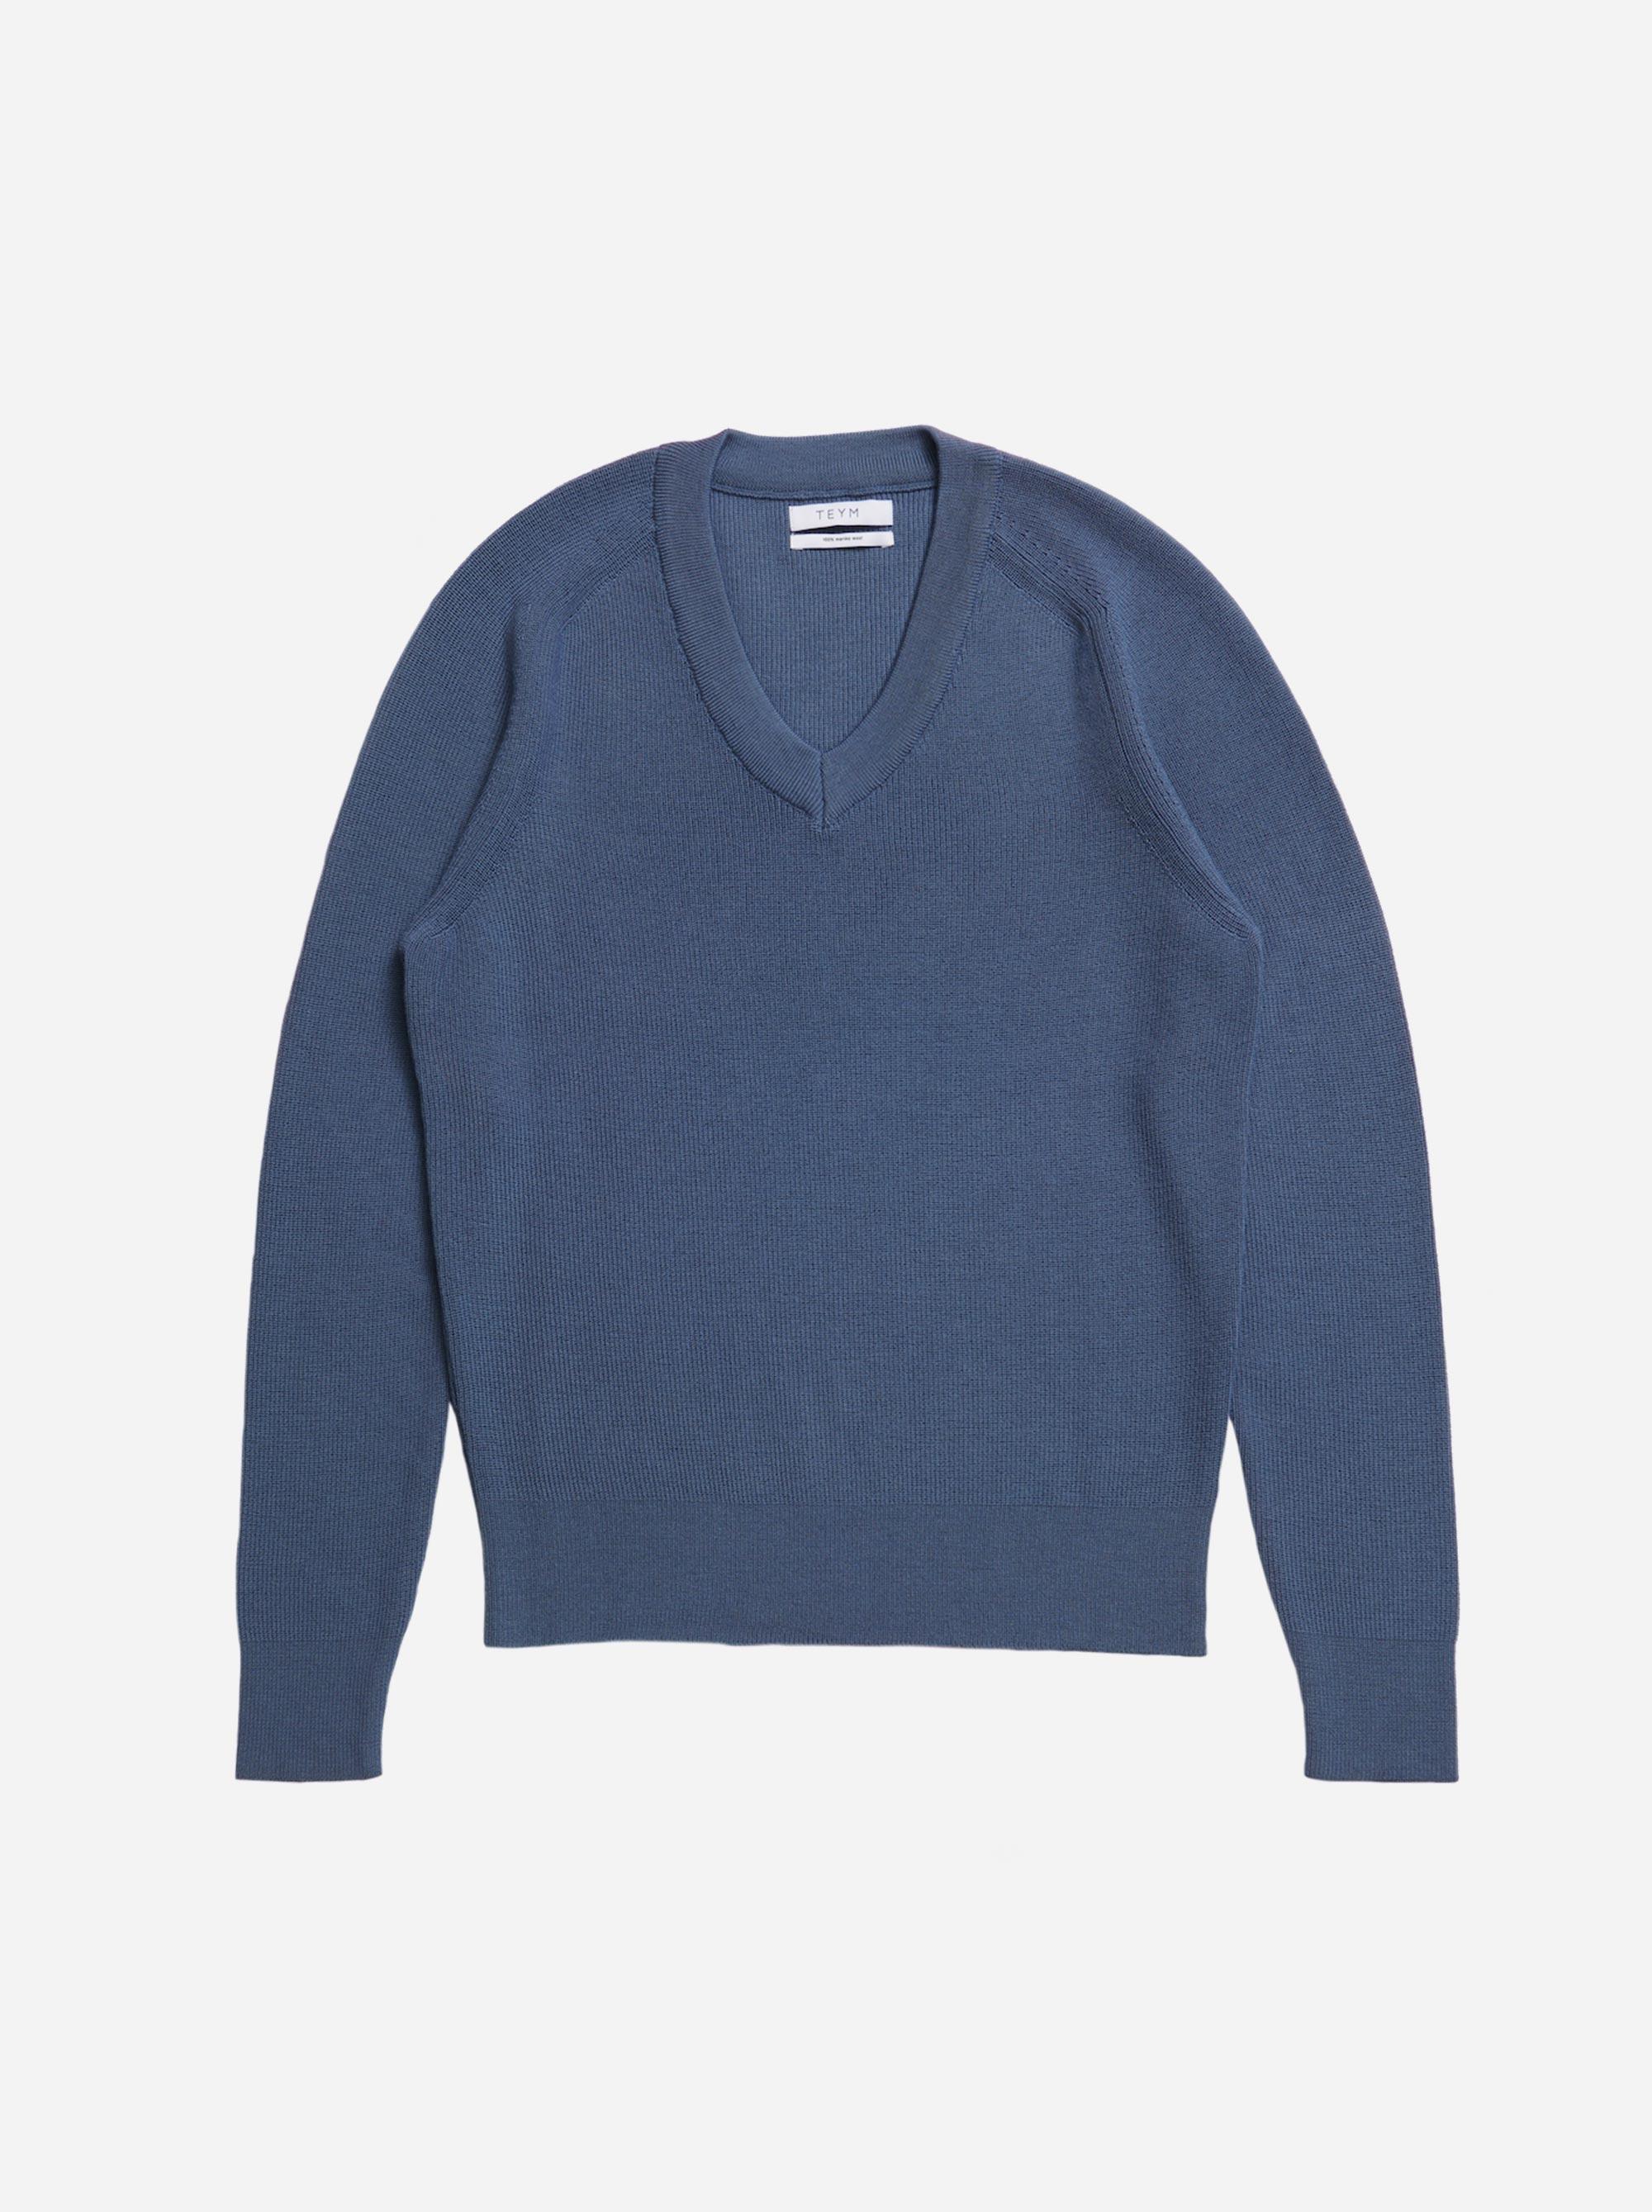 Teym - V-Neck - The Merino Sweater - Men - Sky blue - 4